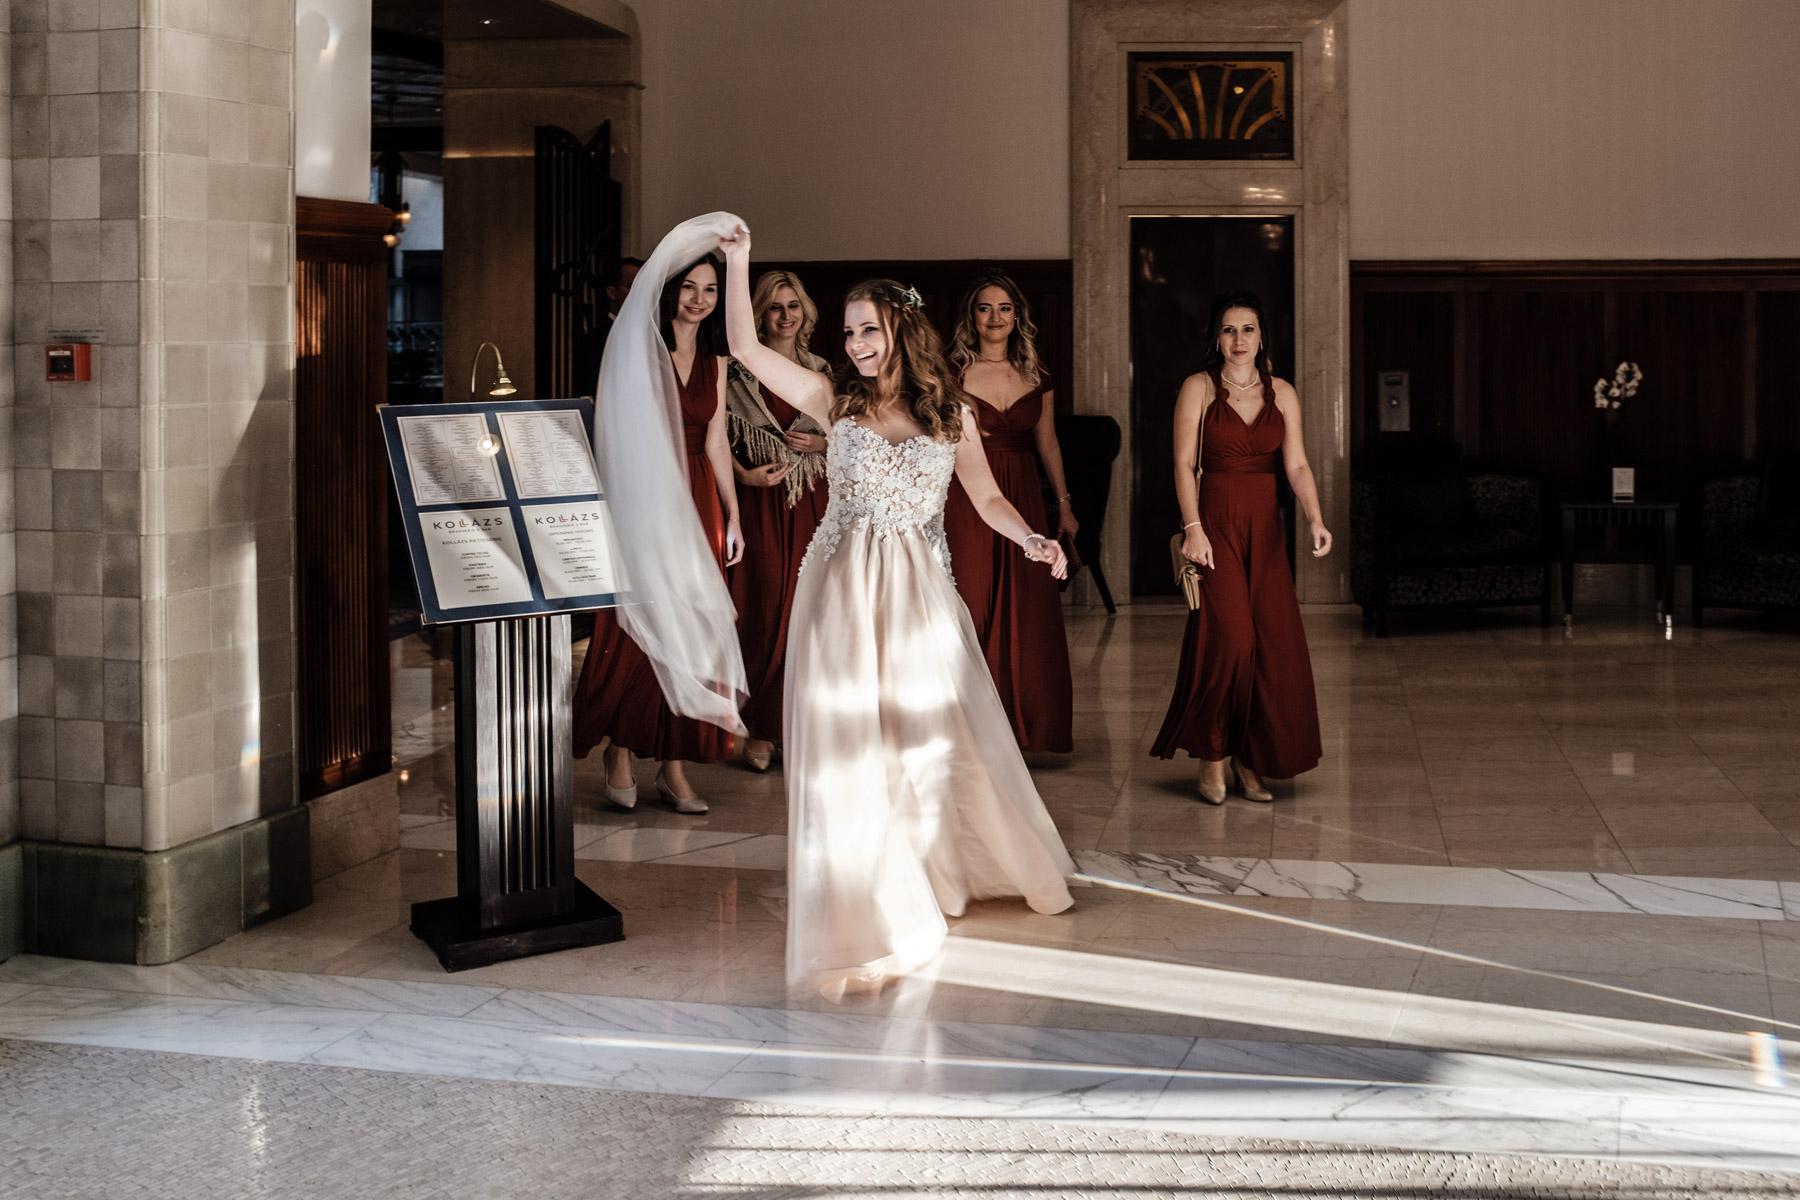 MartinLiebl_Kein_Hochzeitsfotograf_No_Wedding_Photographer_Budapest_Gresham_Palace_038.jpg